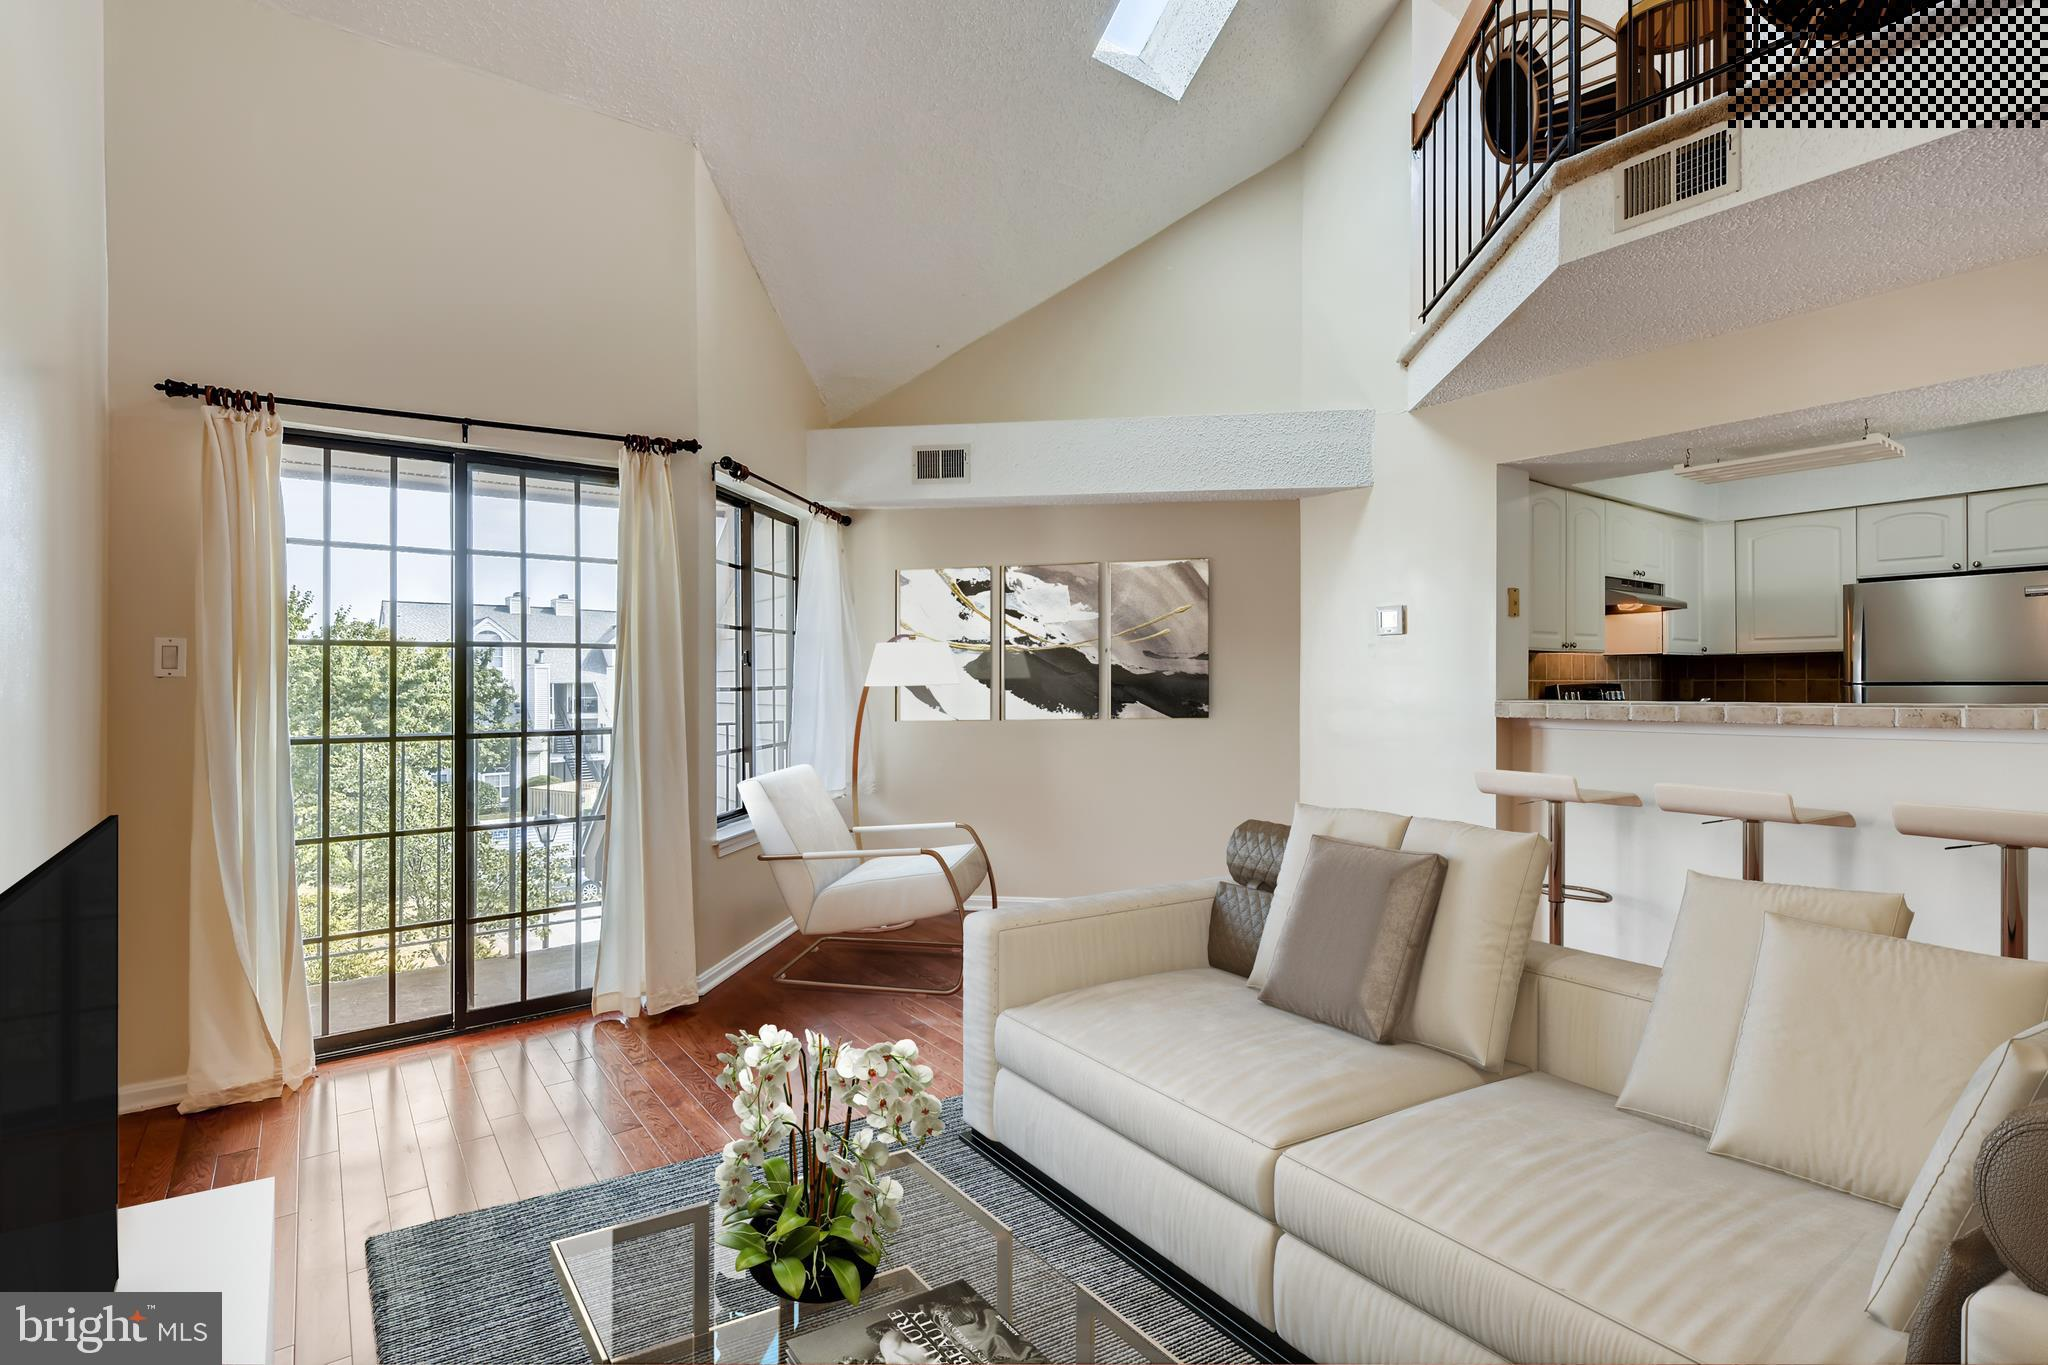 Beautiful, 1 bedroom, 1 bath, loft condo! This contemporary 2 story condo w/loft featuring a generou